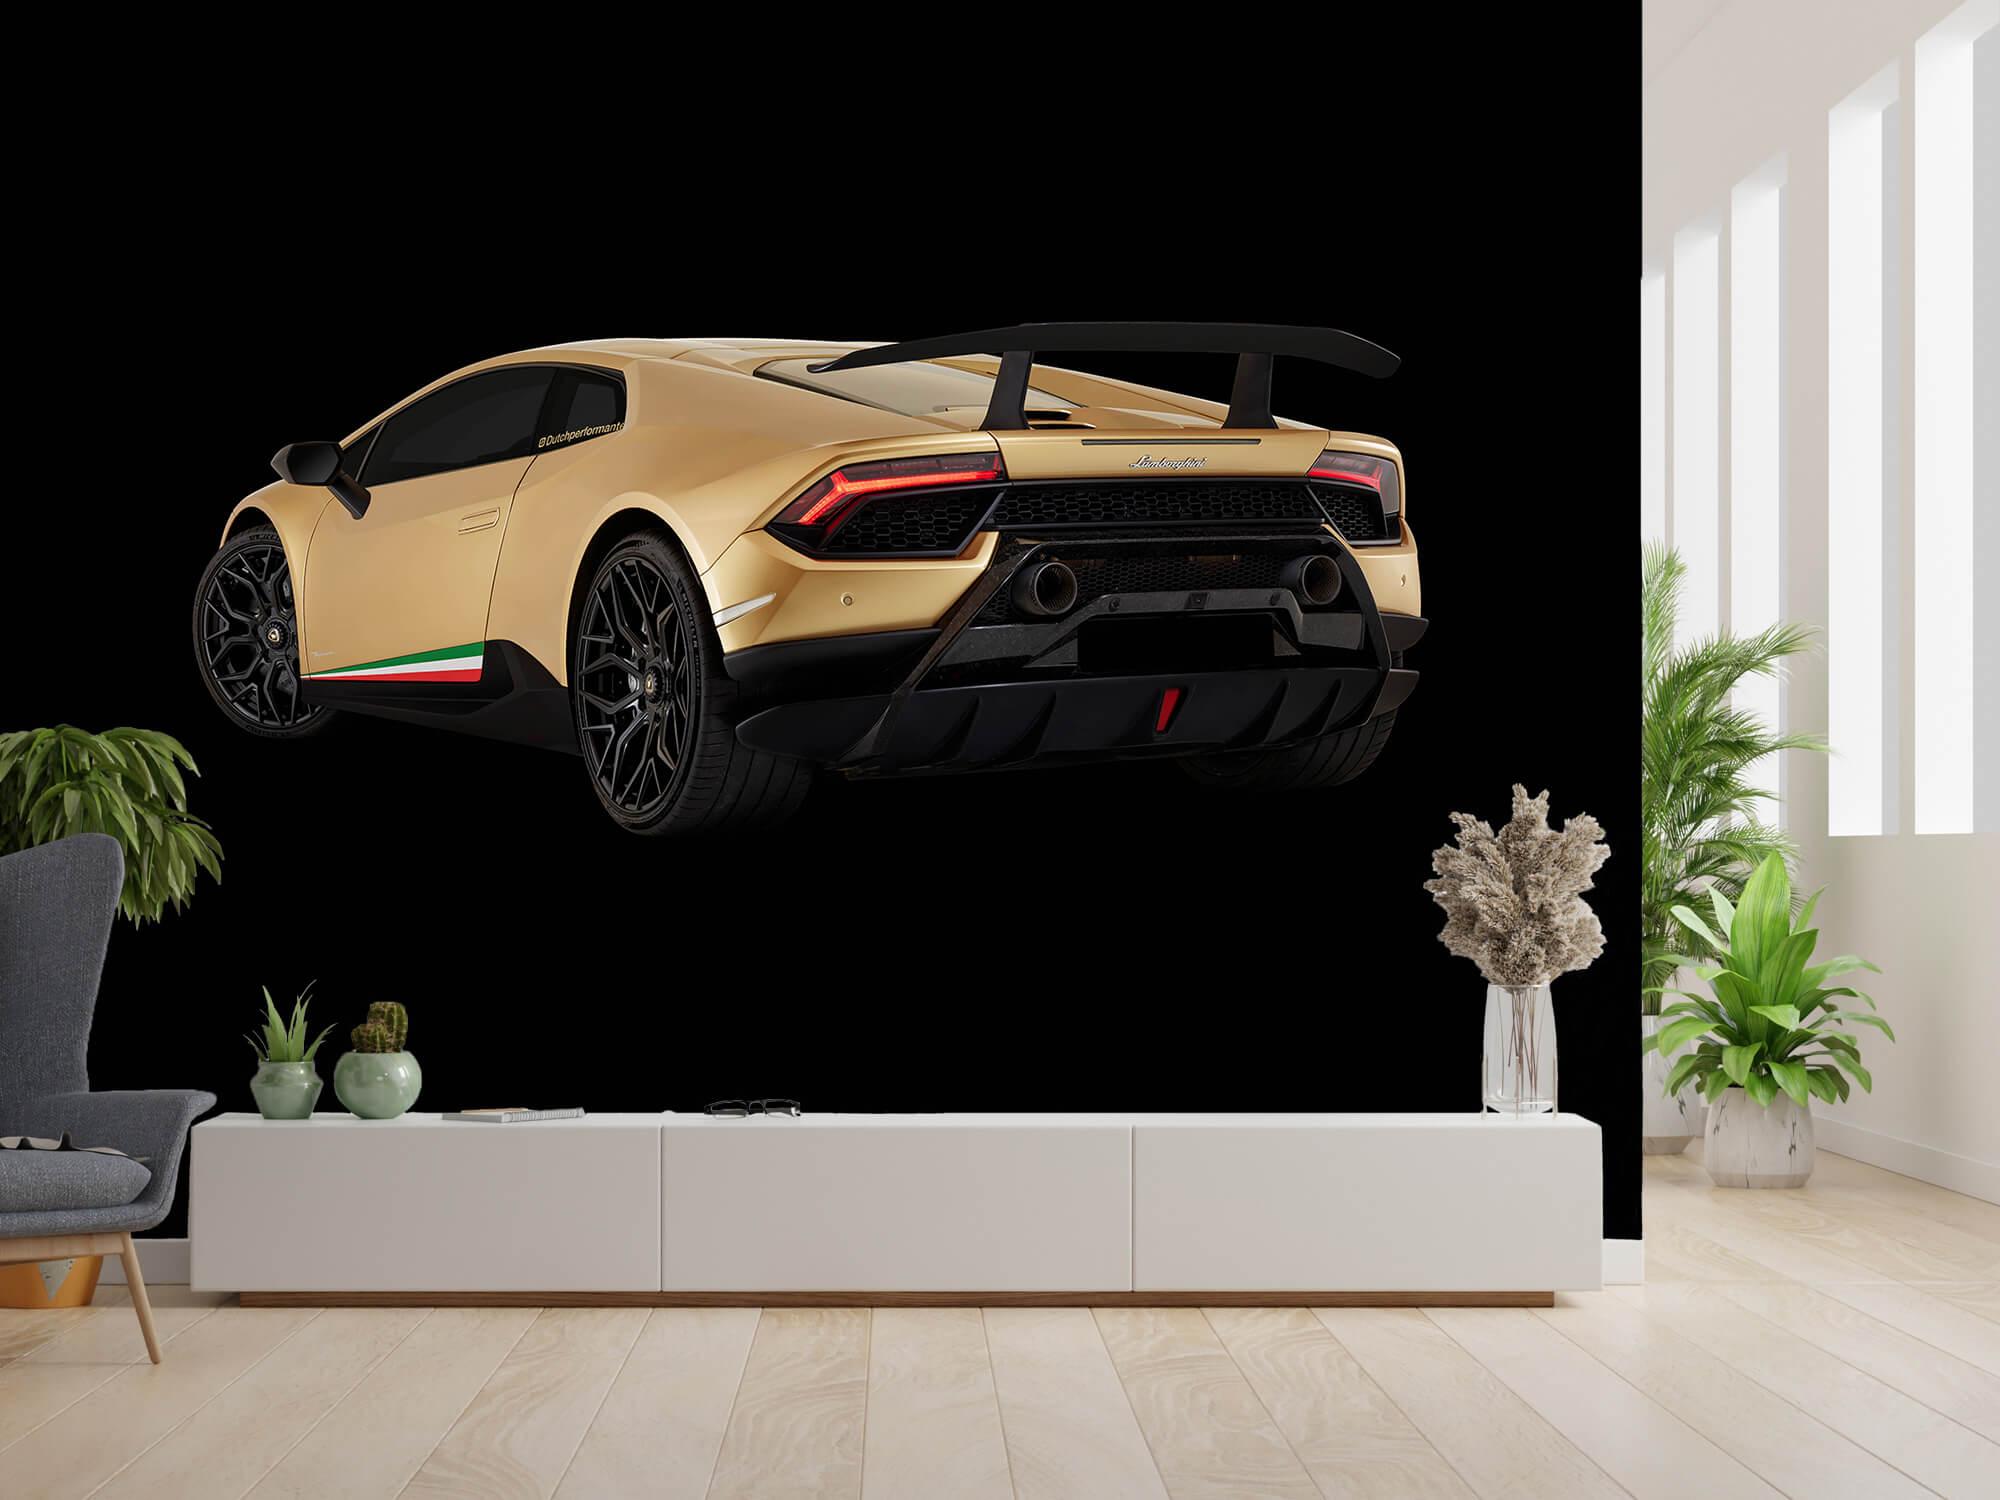 Wallpaper Lamborghini Huracán - Côté arrière gauche, noir 9